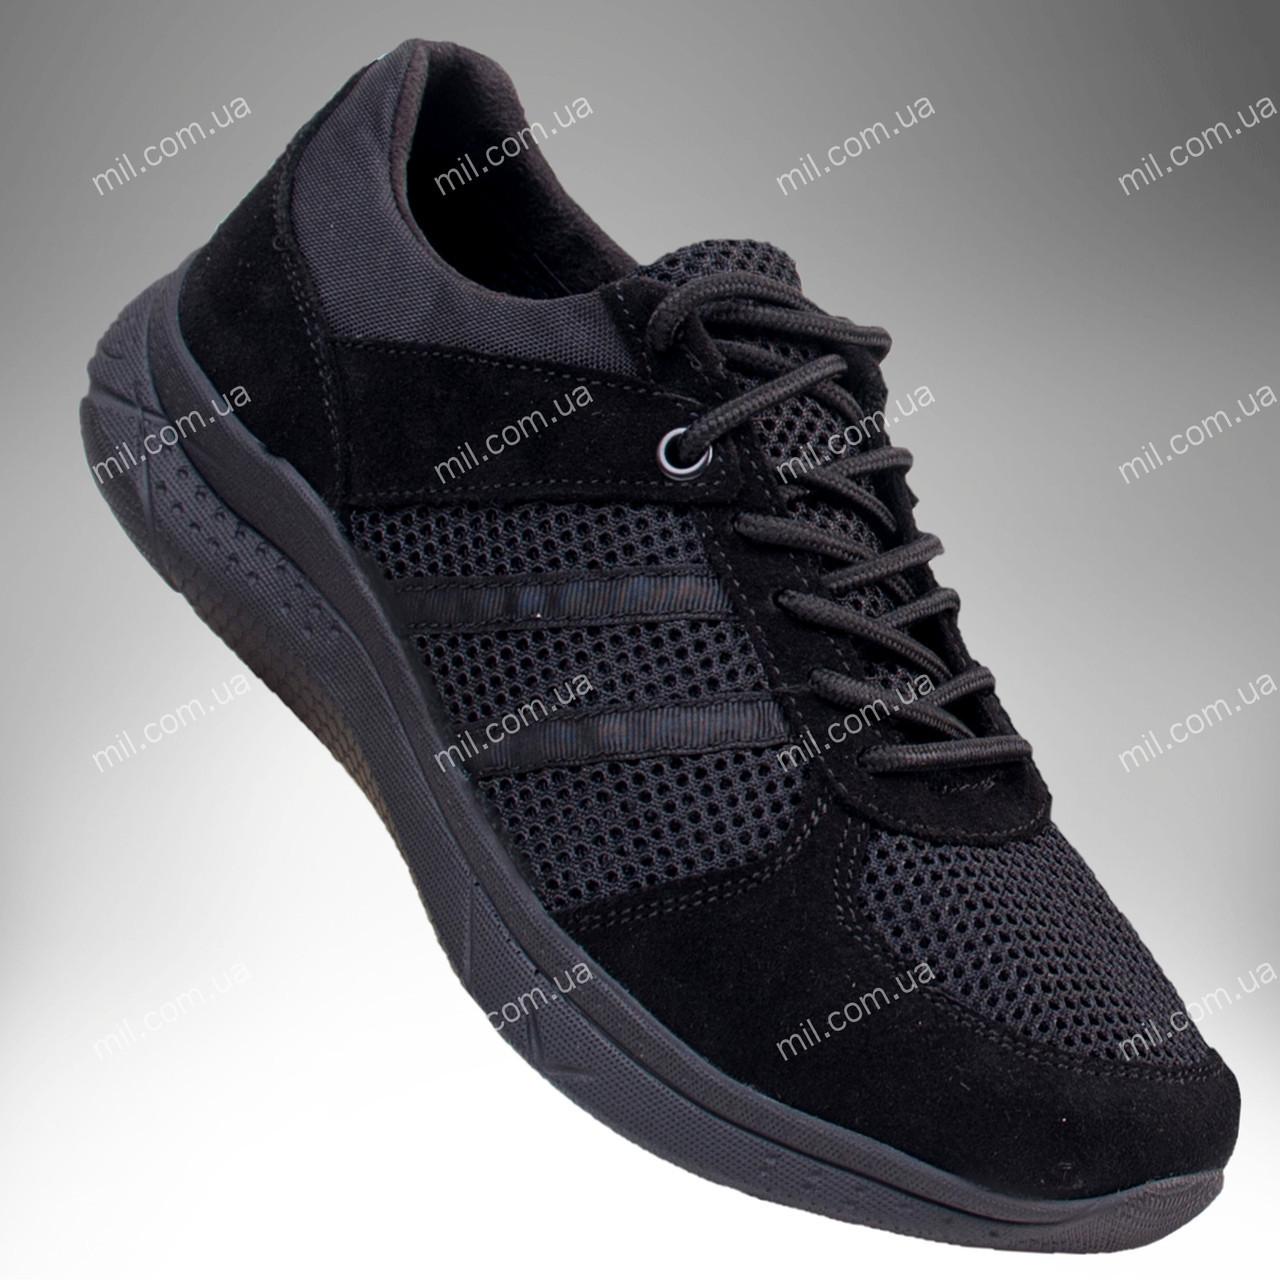 Летние облегченные кроссовки АХИЛЕС (черный)